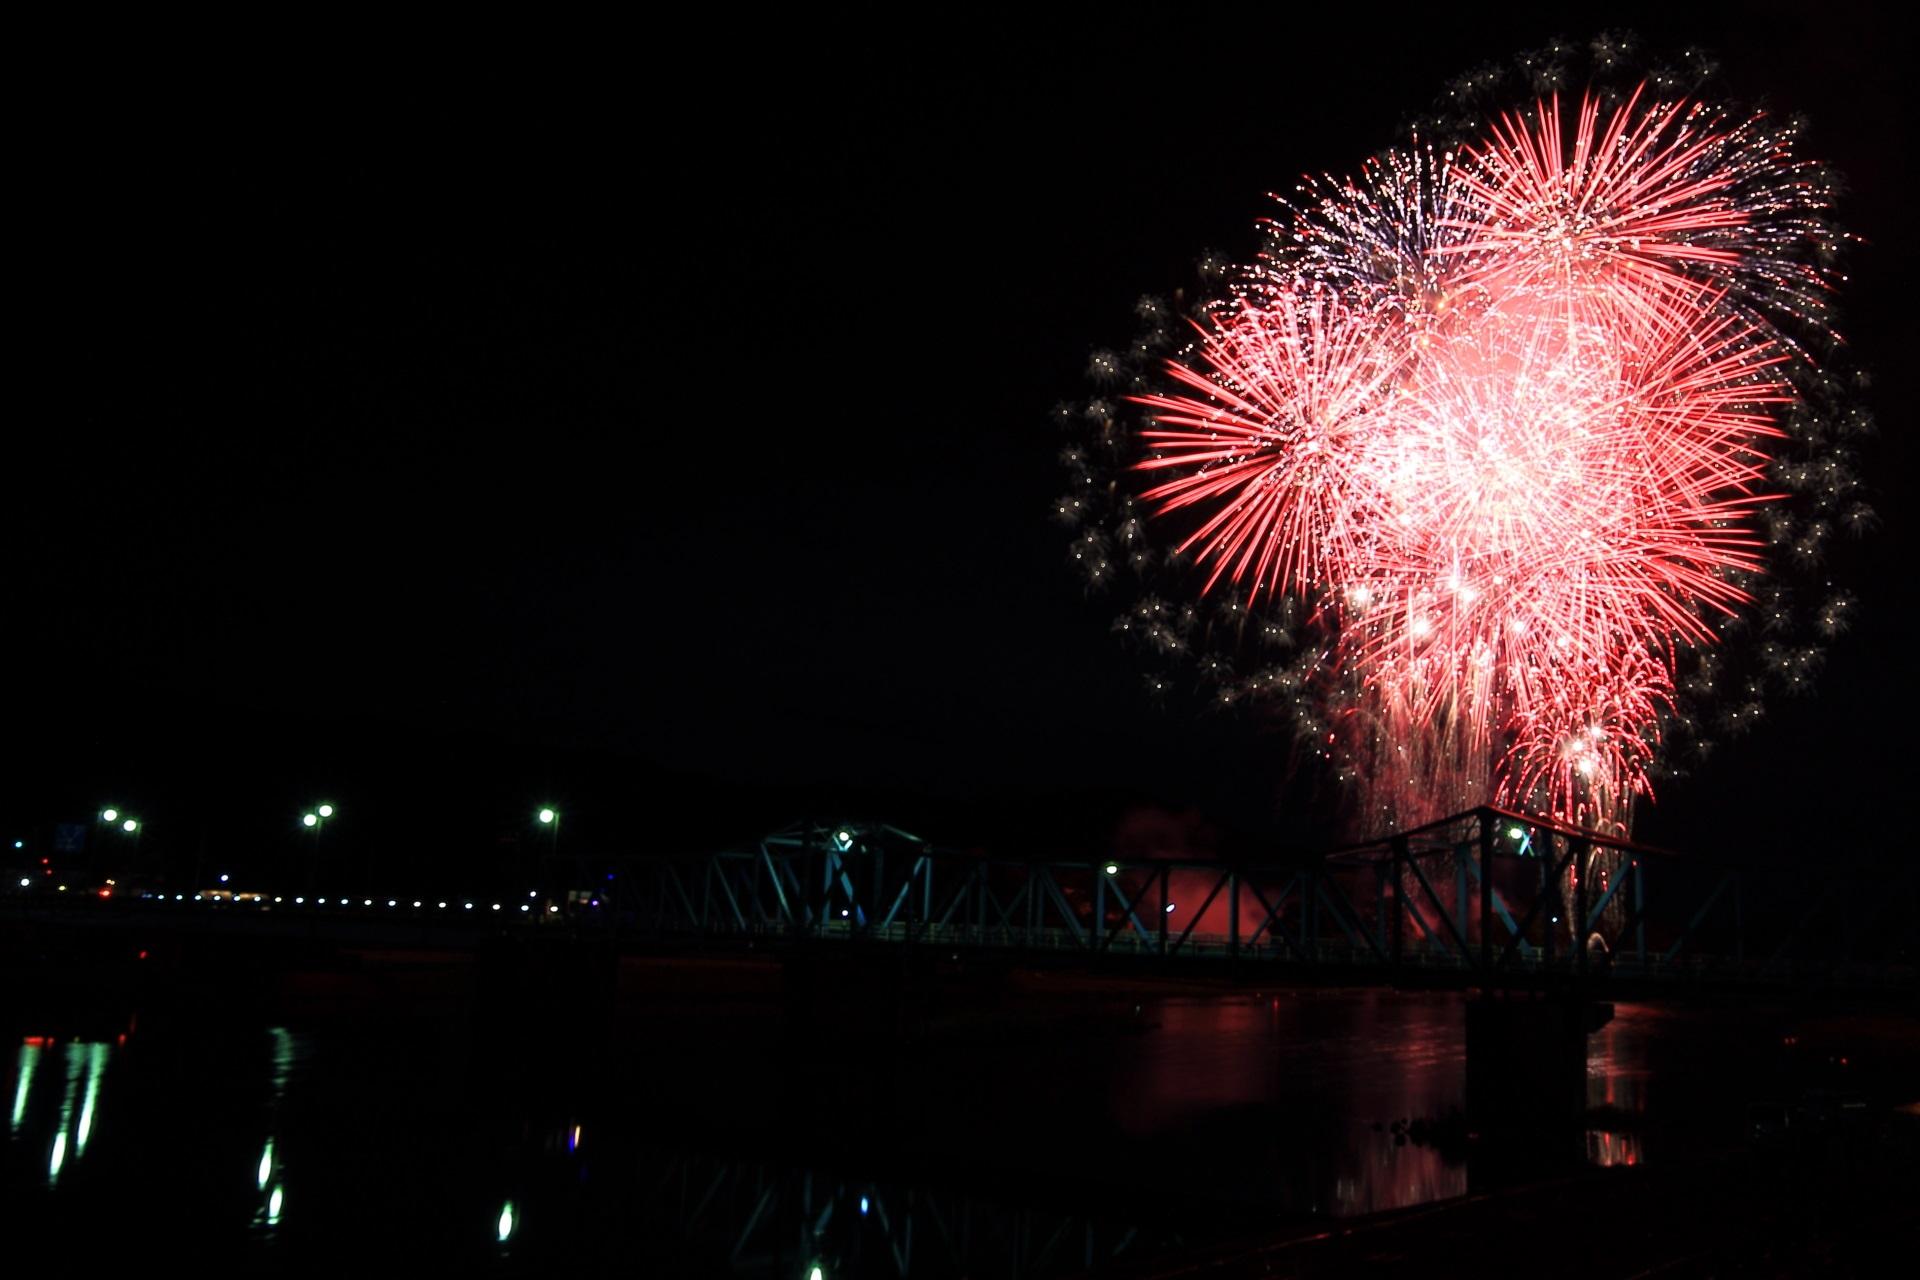 南丹市の夜空をそめる花火